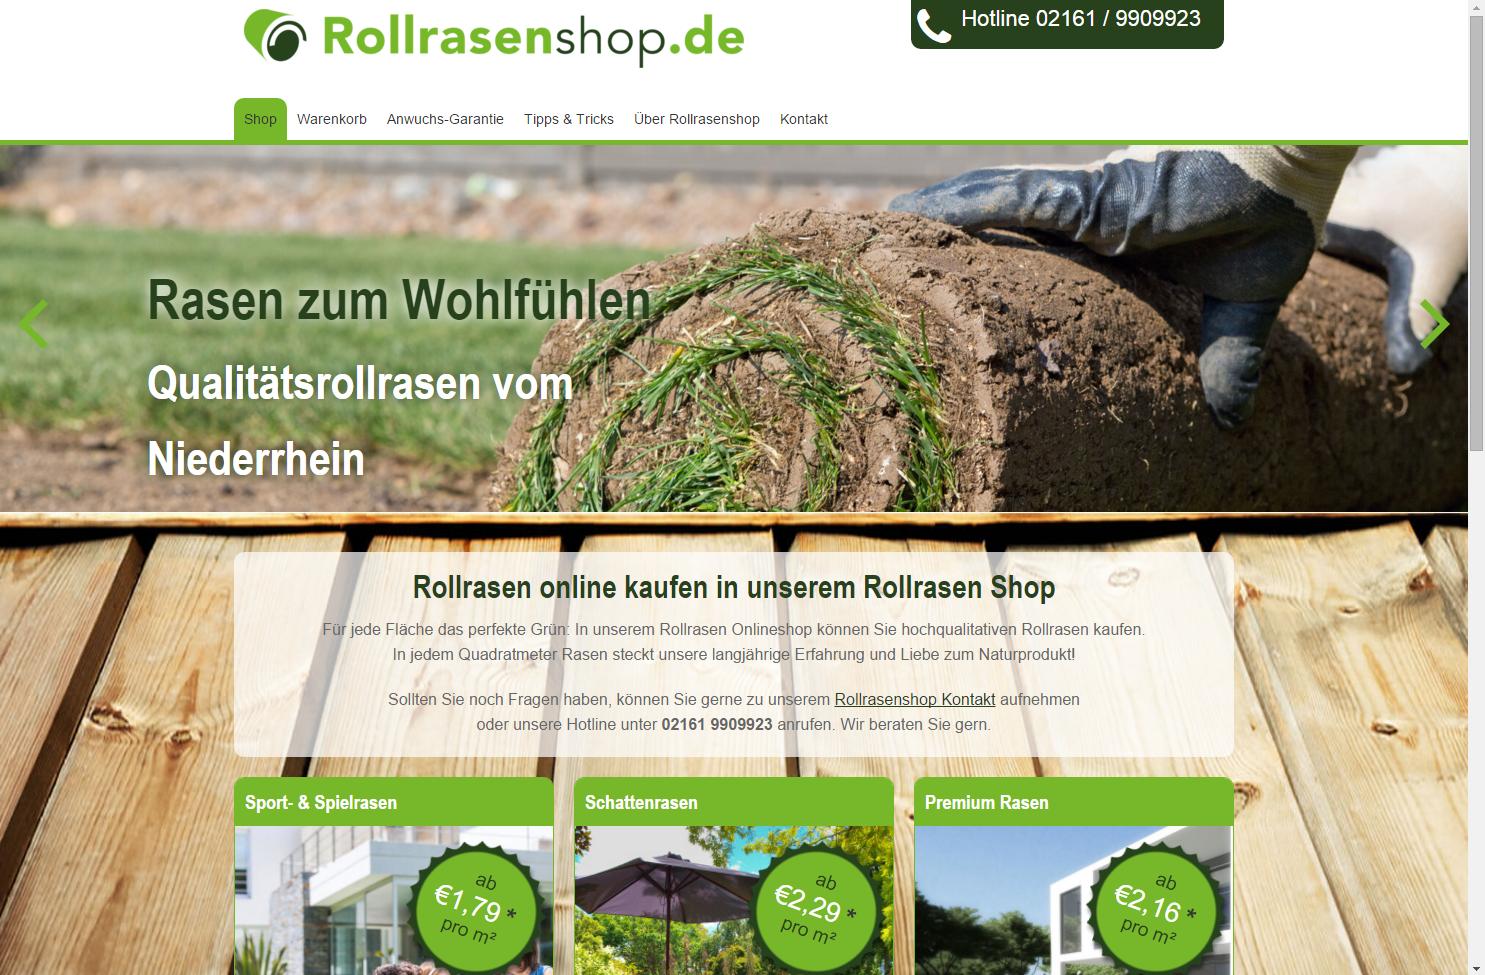 Startseite des Rollrasen Onlineshop.